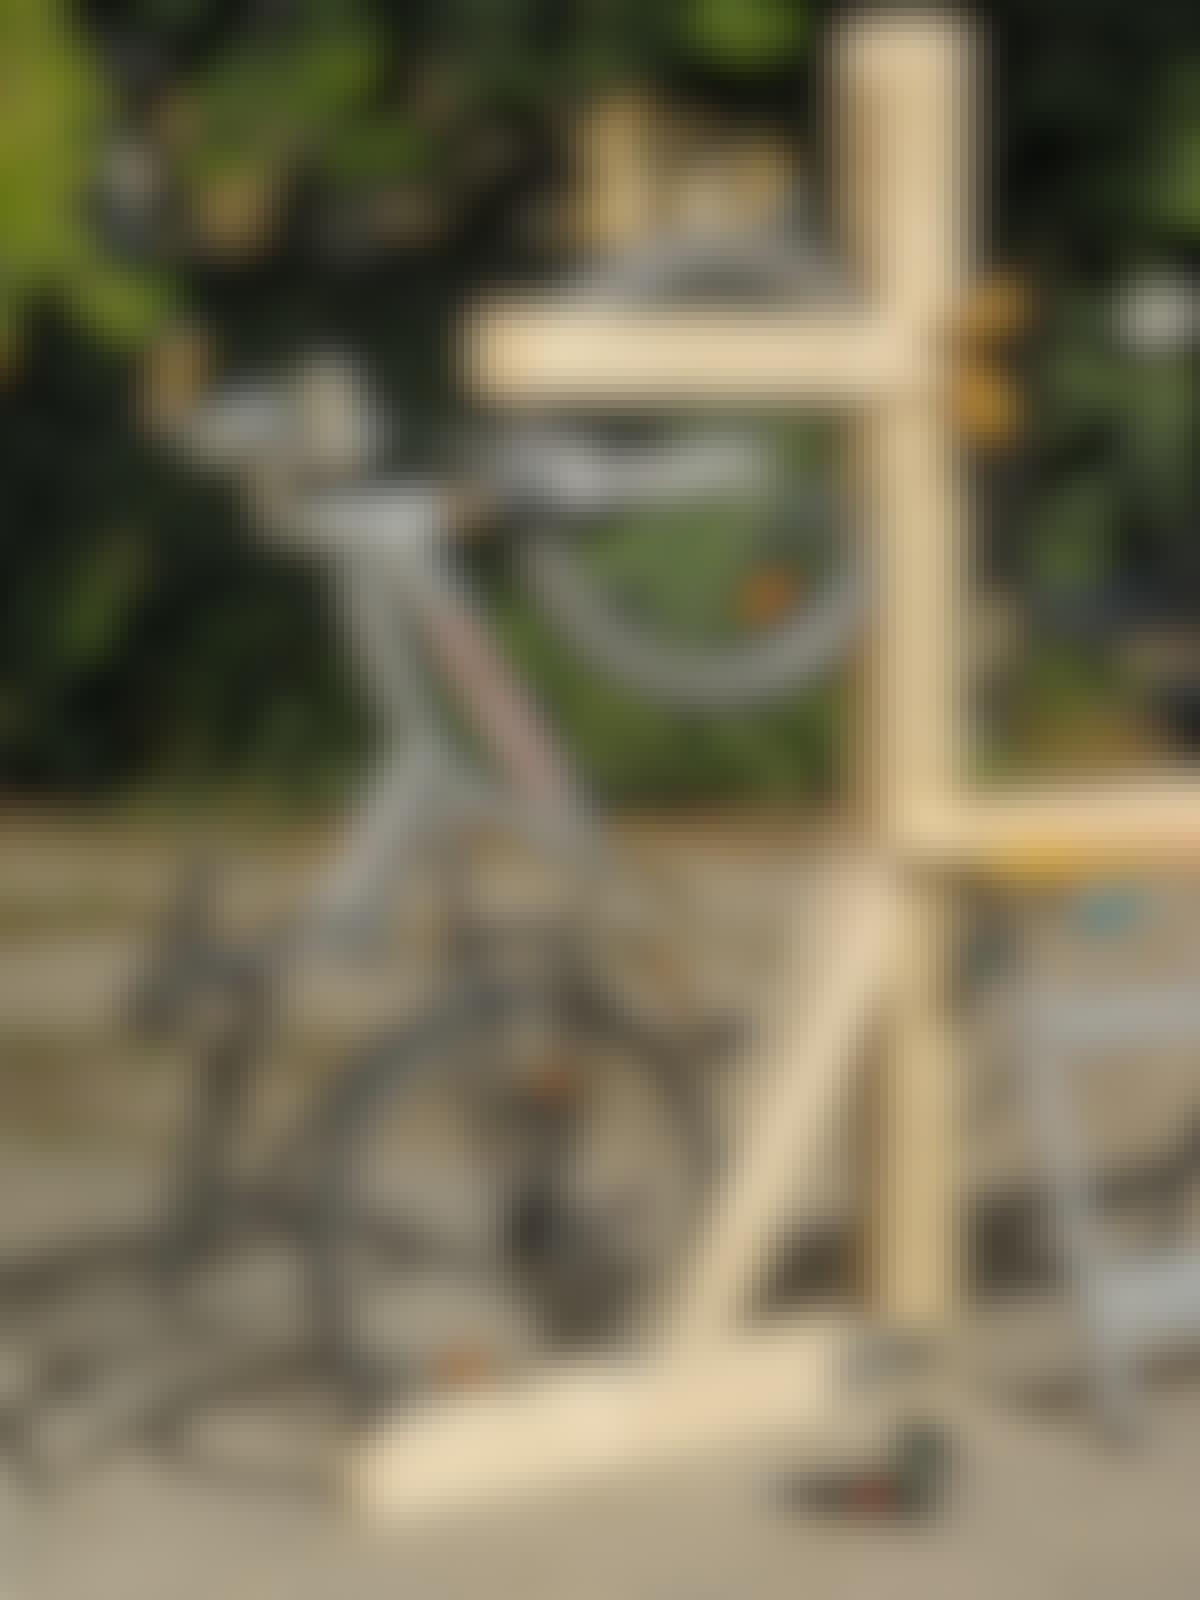 Etupyörän pidike kiinnitetään viimeiseksi kutakin polkupyörää varten.